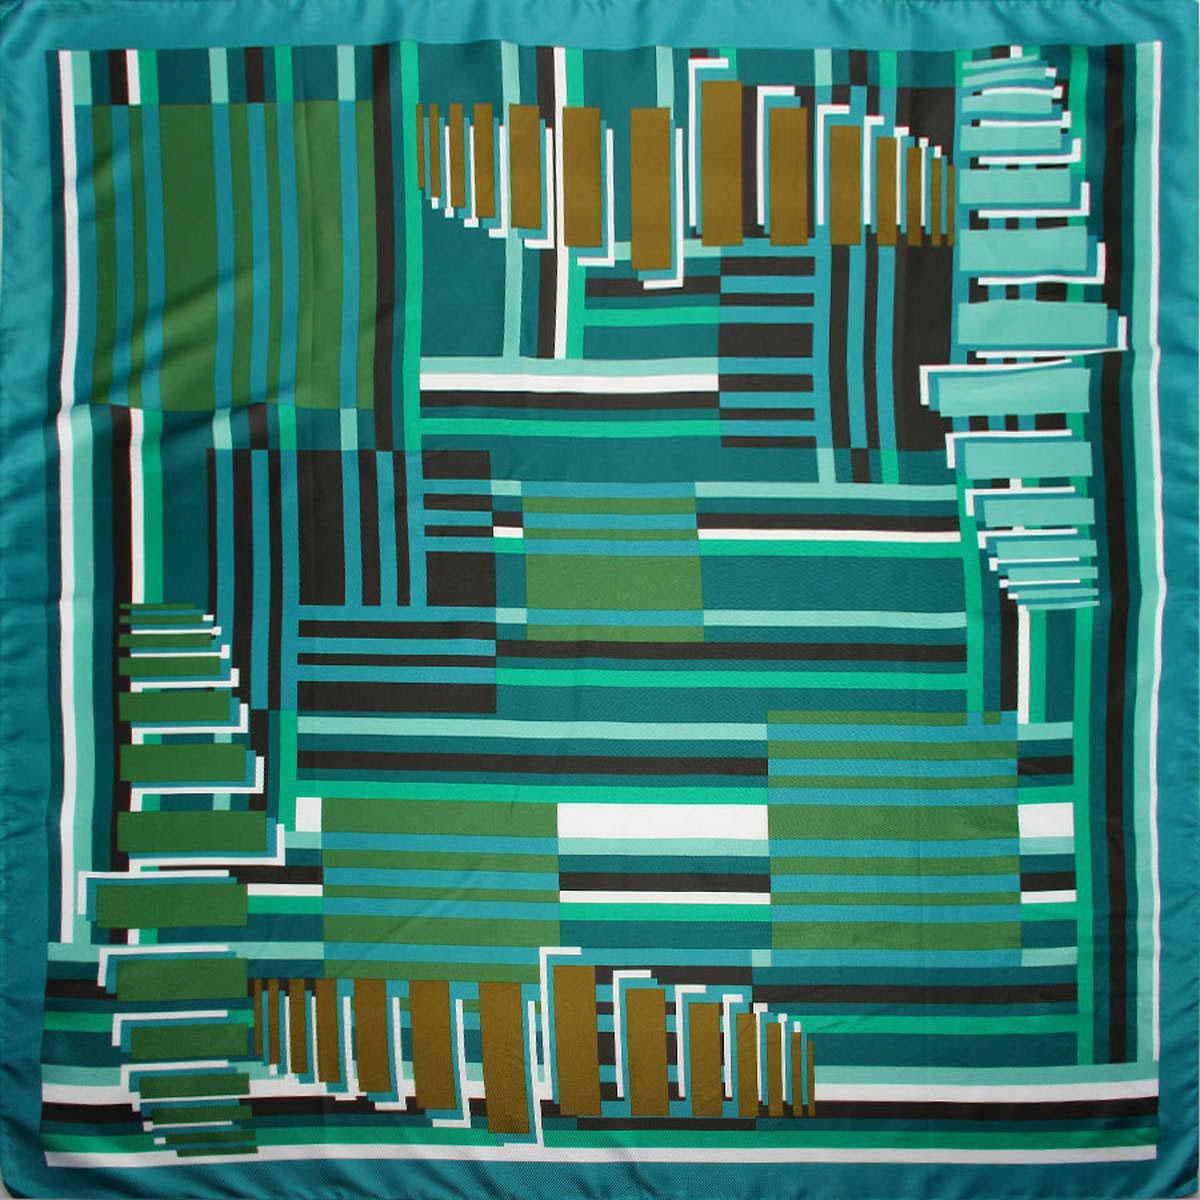 Платок женский Venera, цвет: бирюзовый, зеленый, черный. 3904872-7. Размер 90 см х 90 см3904872-7Стильный женский платок Venera станет великолепным завершением любого наряда. Платок, изготовленный из полиэстера, оформлен принтом в полоску. Классическая квадратная форма позволяет носить платок на шее, украшать им прическу или декорировать сумочку. Легкий и приятный на ощупь платок поможет вам создать изысканный женственный образ. Такой платок превосходно дополнит любой наряд и подчеркнет ваш неповторимый вкус и элегантность.